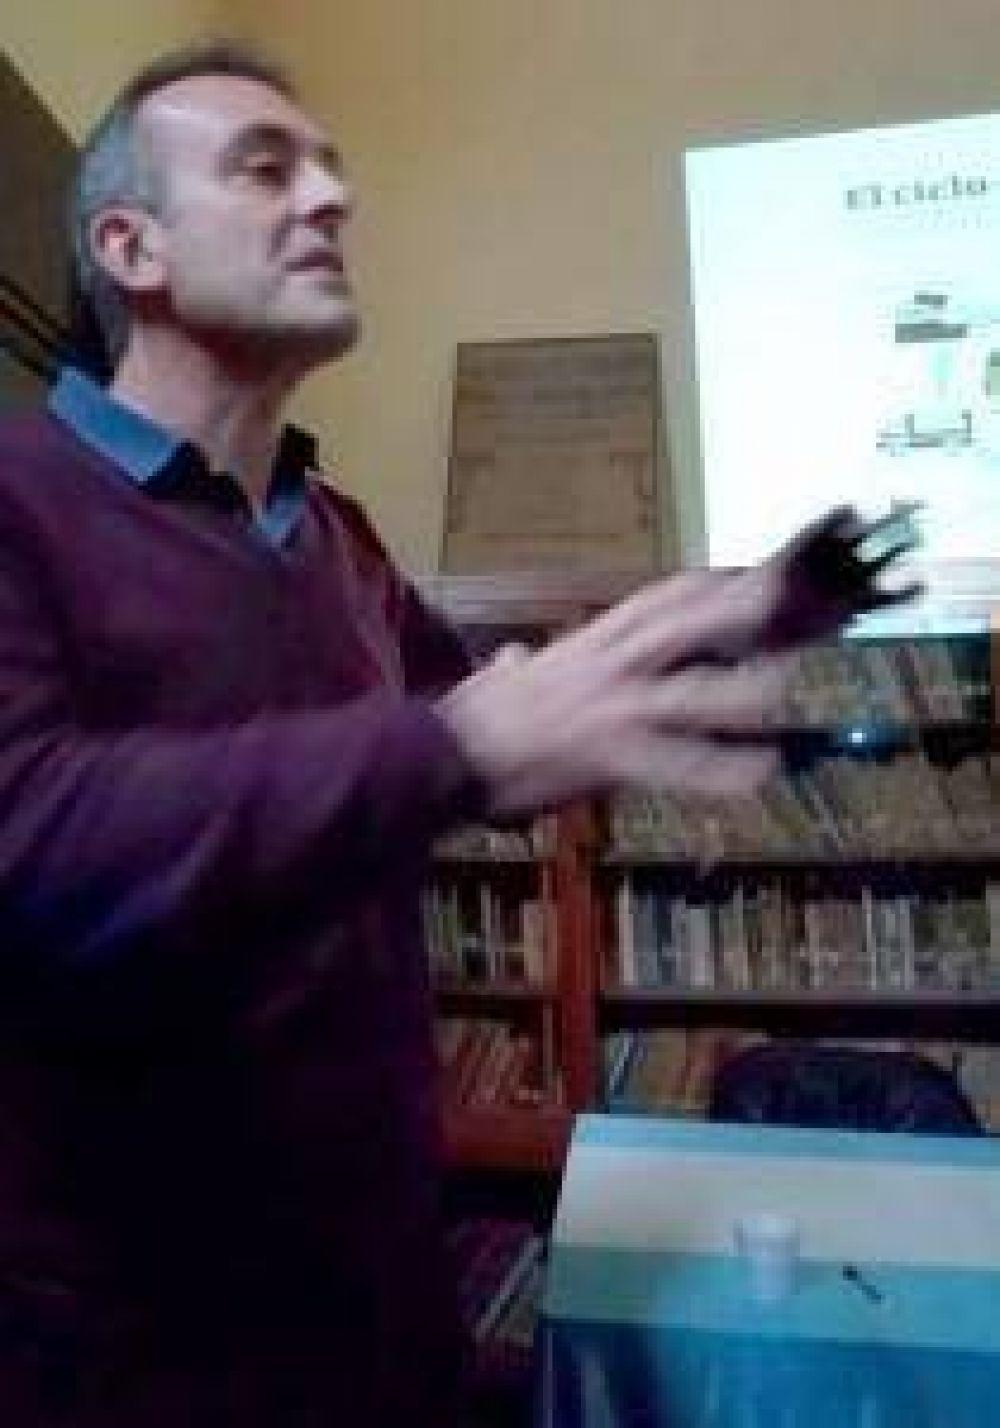 HABLAR DE BASURALES: Charla sobre el tema Basural a Cielo Abierto, en la biblioteca Lintridis